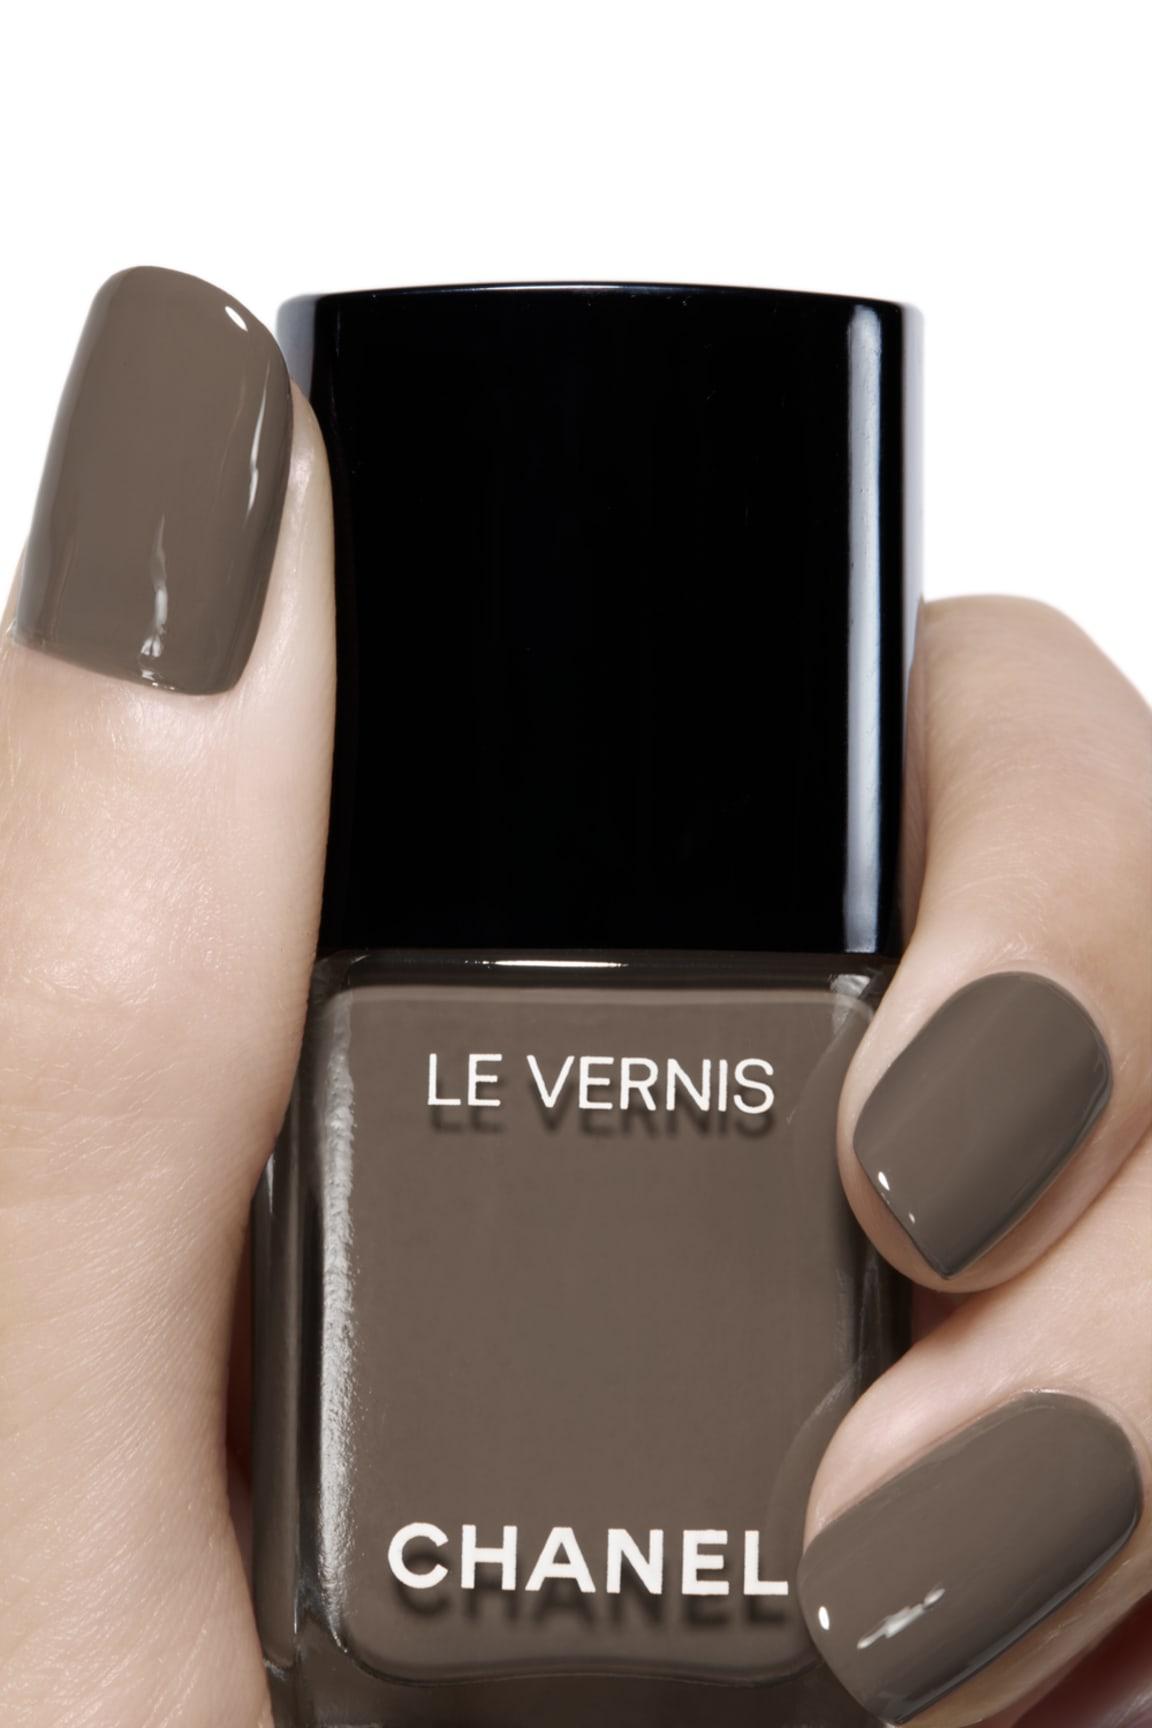 Пример нанесения макияжа 2 - LE VERNIS 905 - BRUN FUMÉ